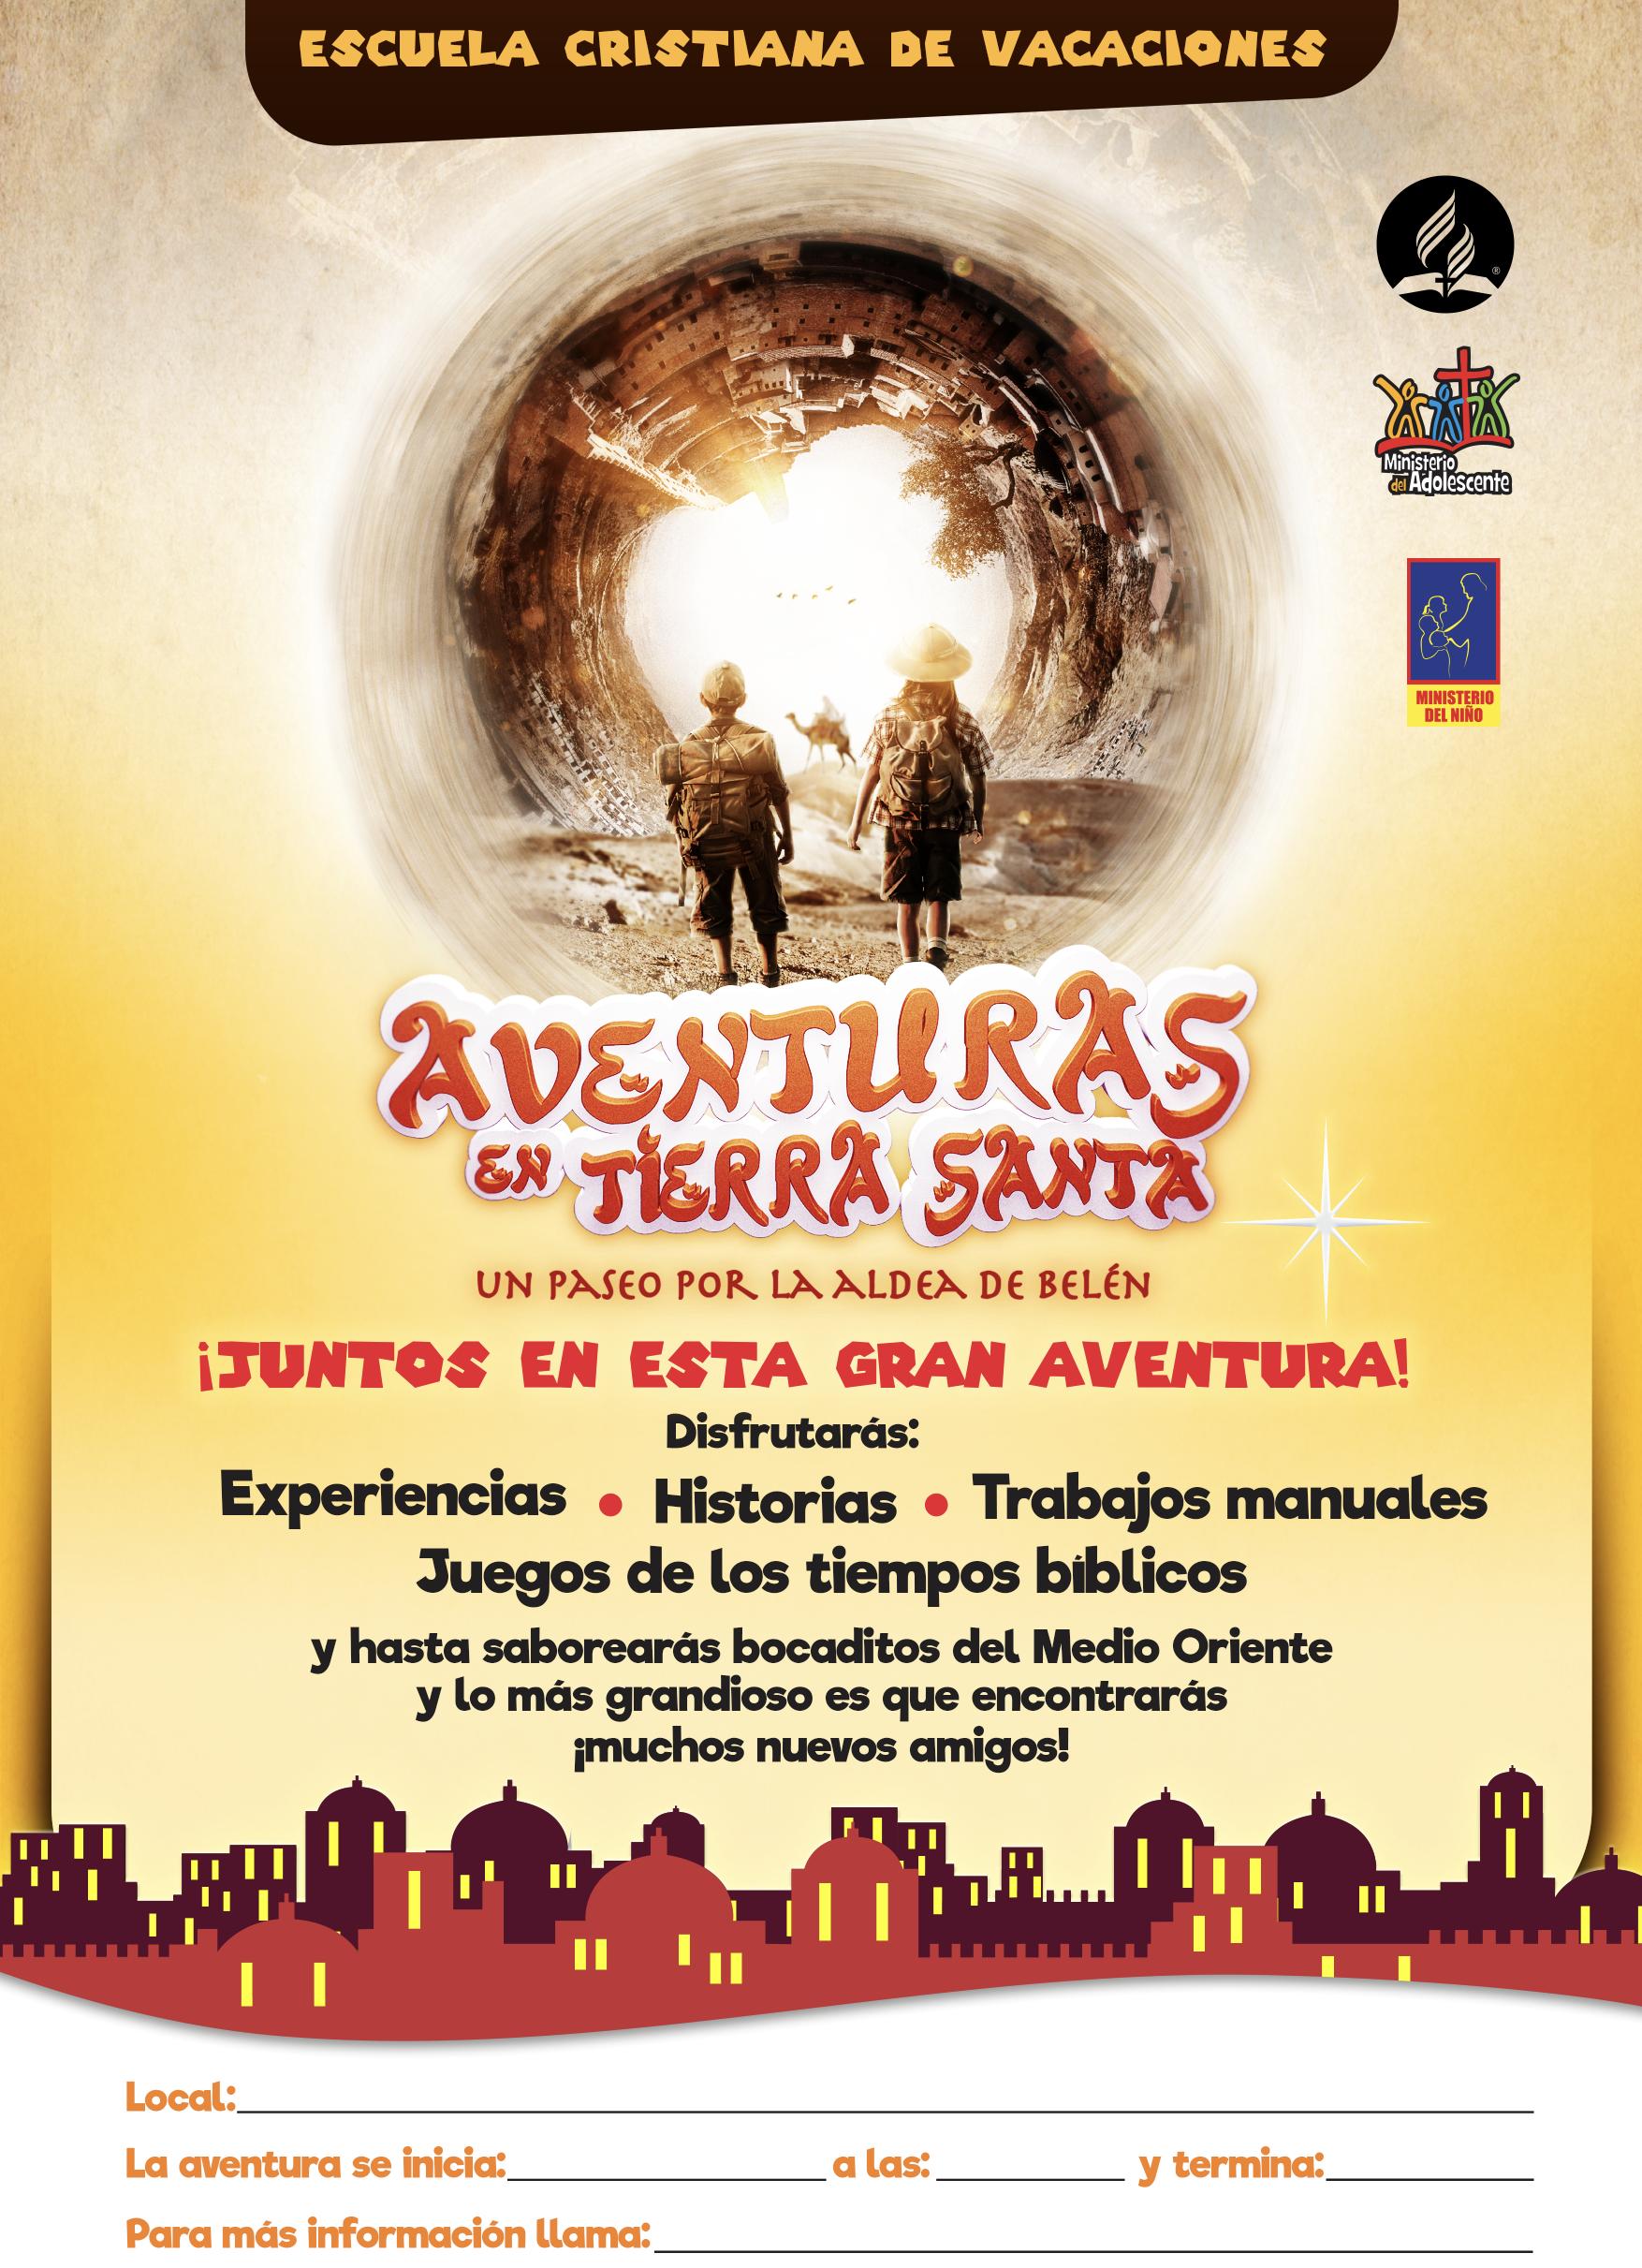 Escuela Cristiana de Vacaciones 2018 | Aventuras en Tierra Santa ...